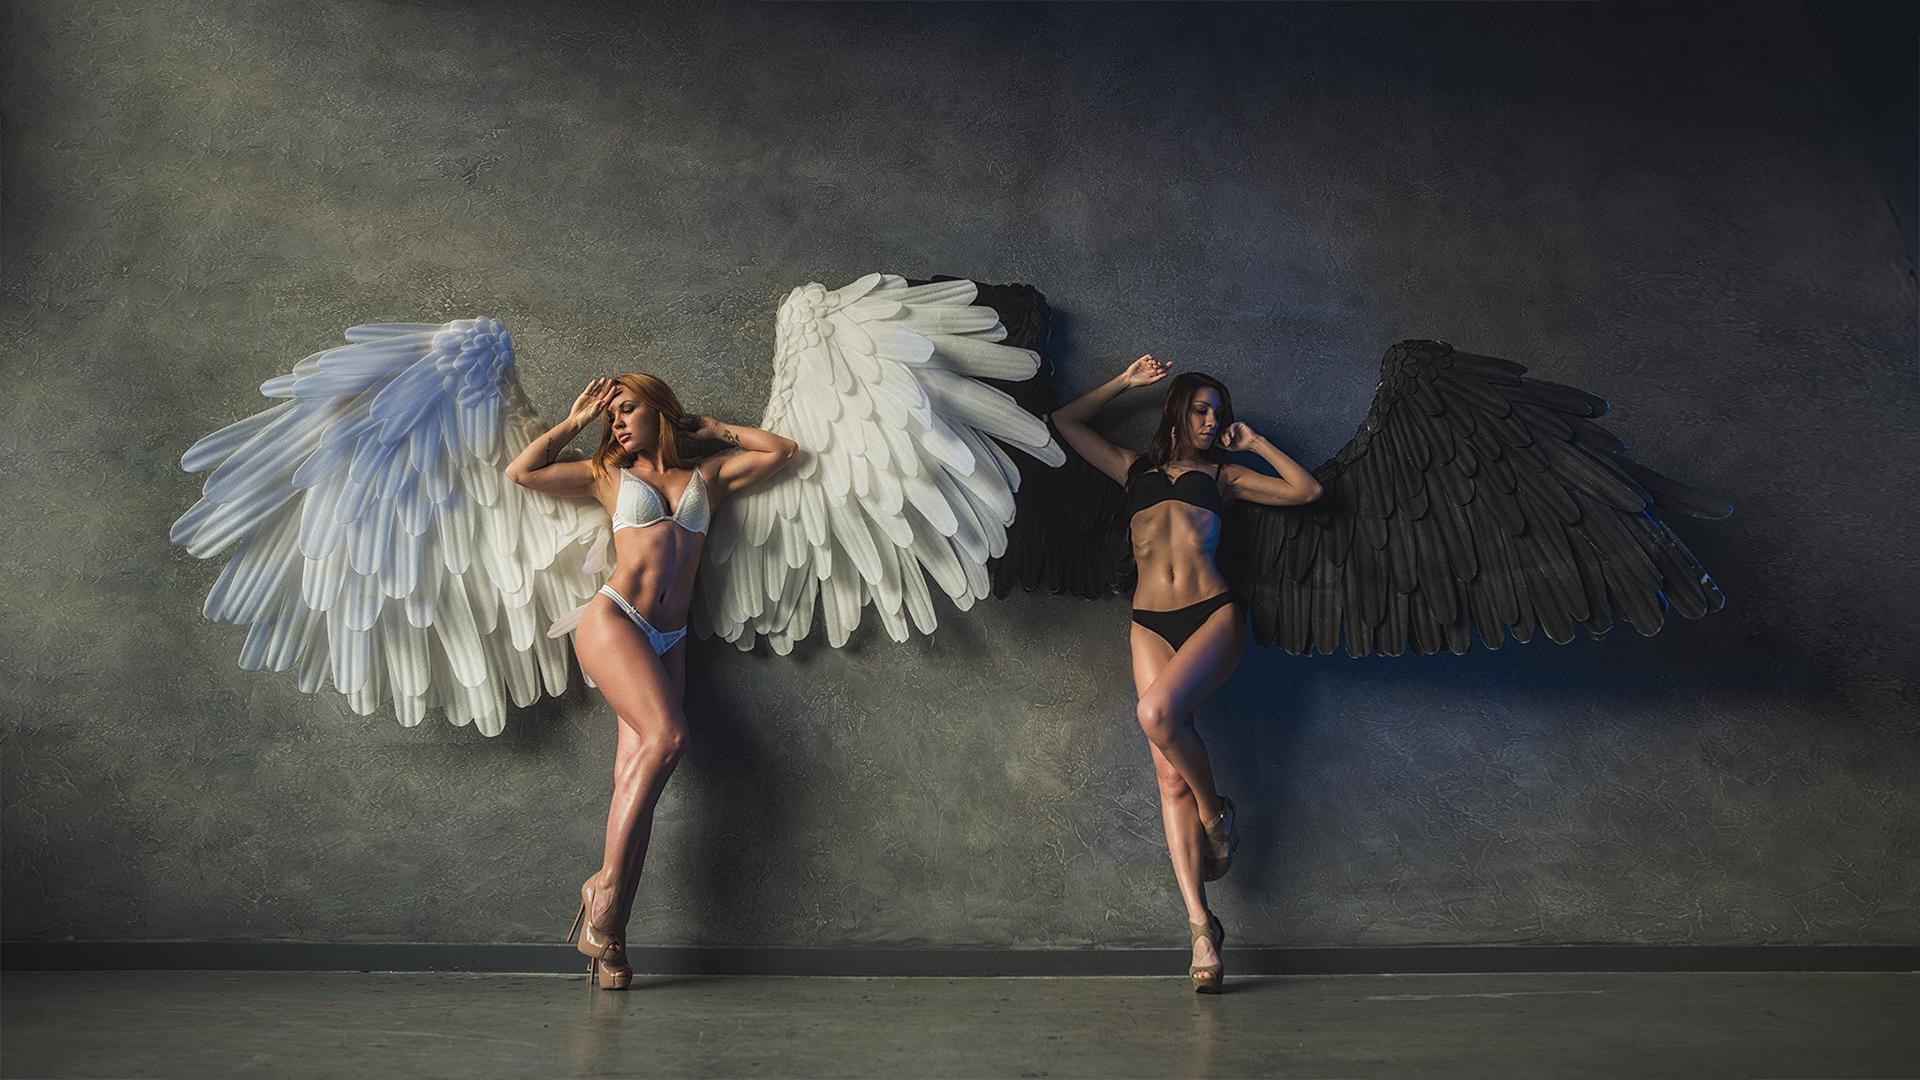 Фото с ангелом и демоном